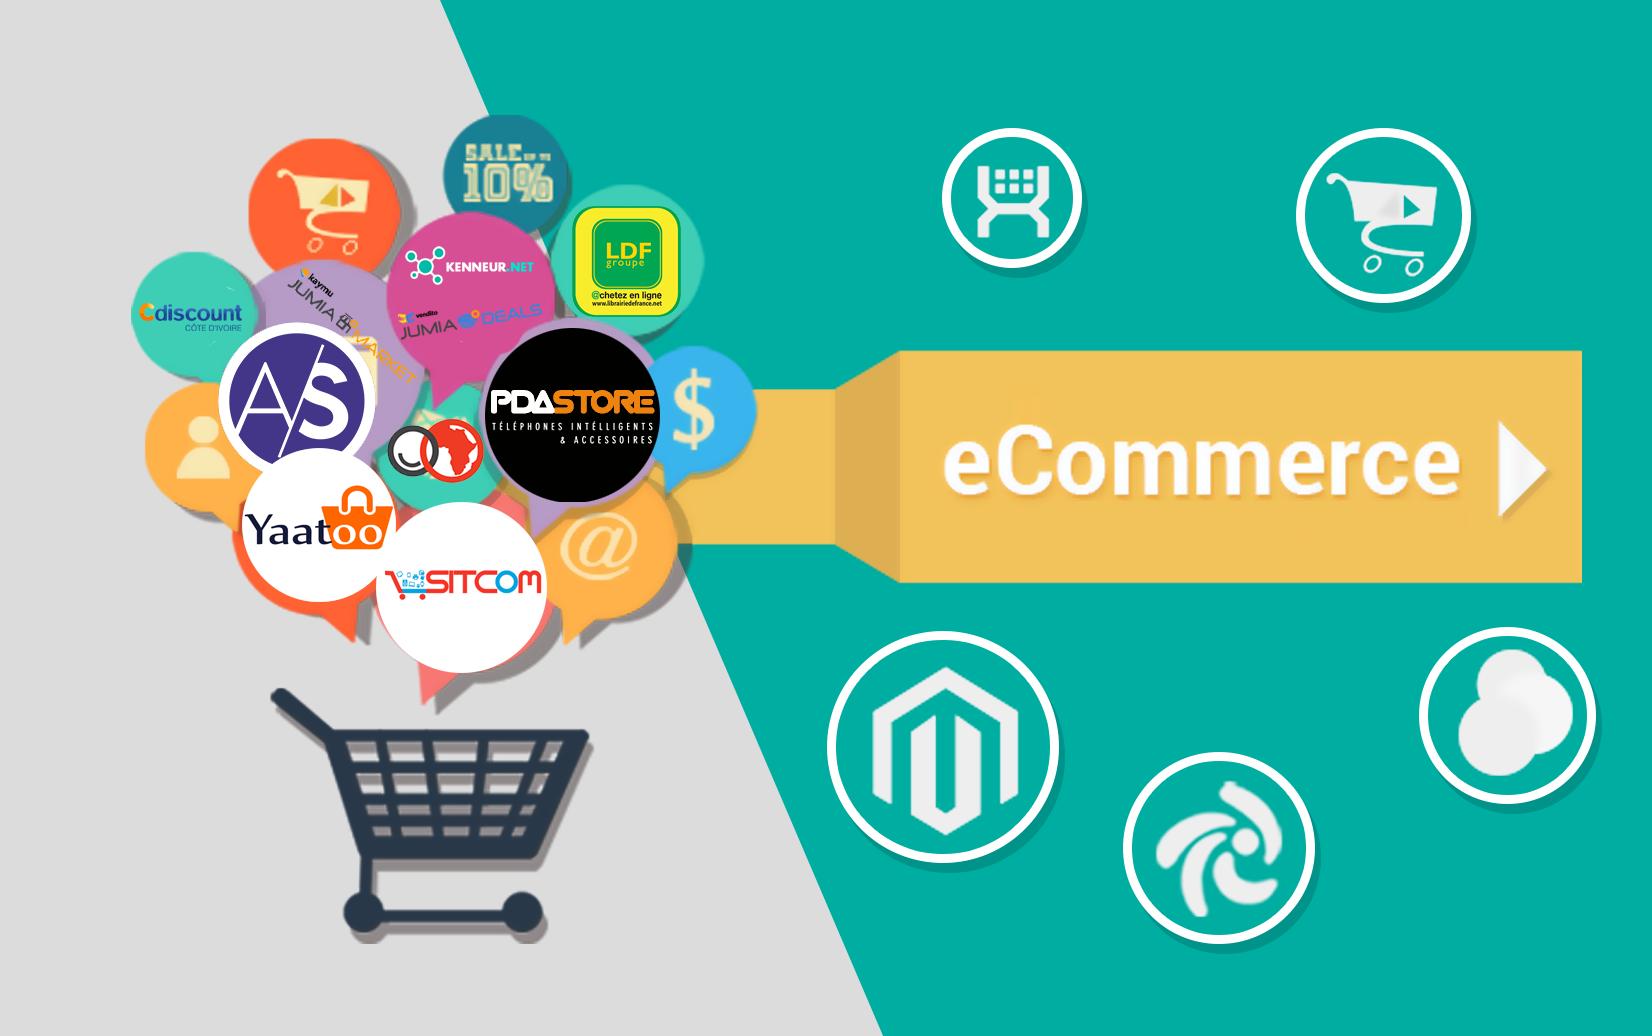 Voici les 10 meilleurs sites d'e-commerce en Cote d'Ivoire en dehors de Jumia.